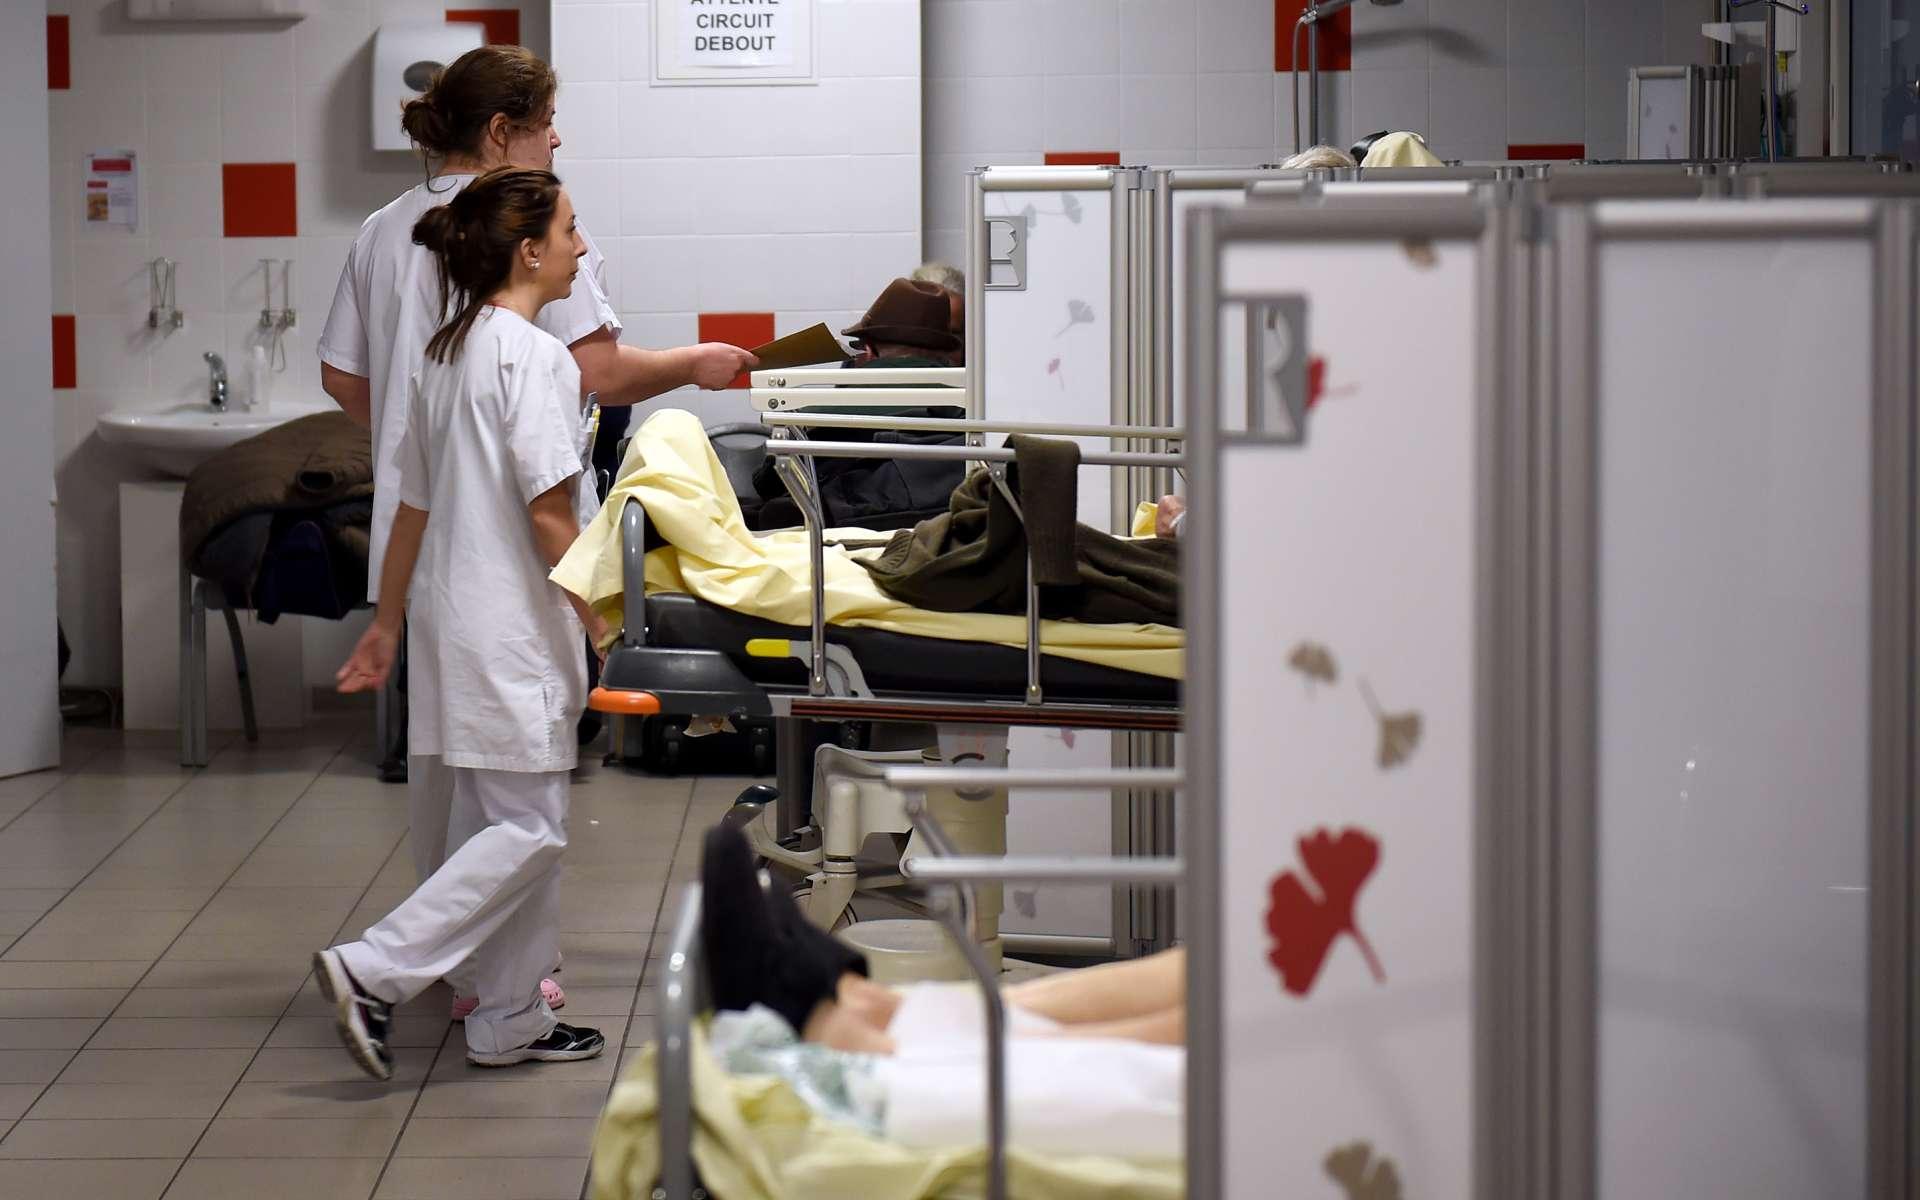 Au stade 3 de l'épidémie, seuls les patients les plus gravement malades seront pris en charge à l'hôpital. © Guillaume Souvant, AFP